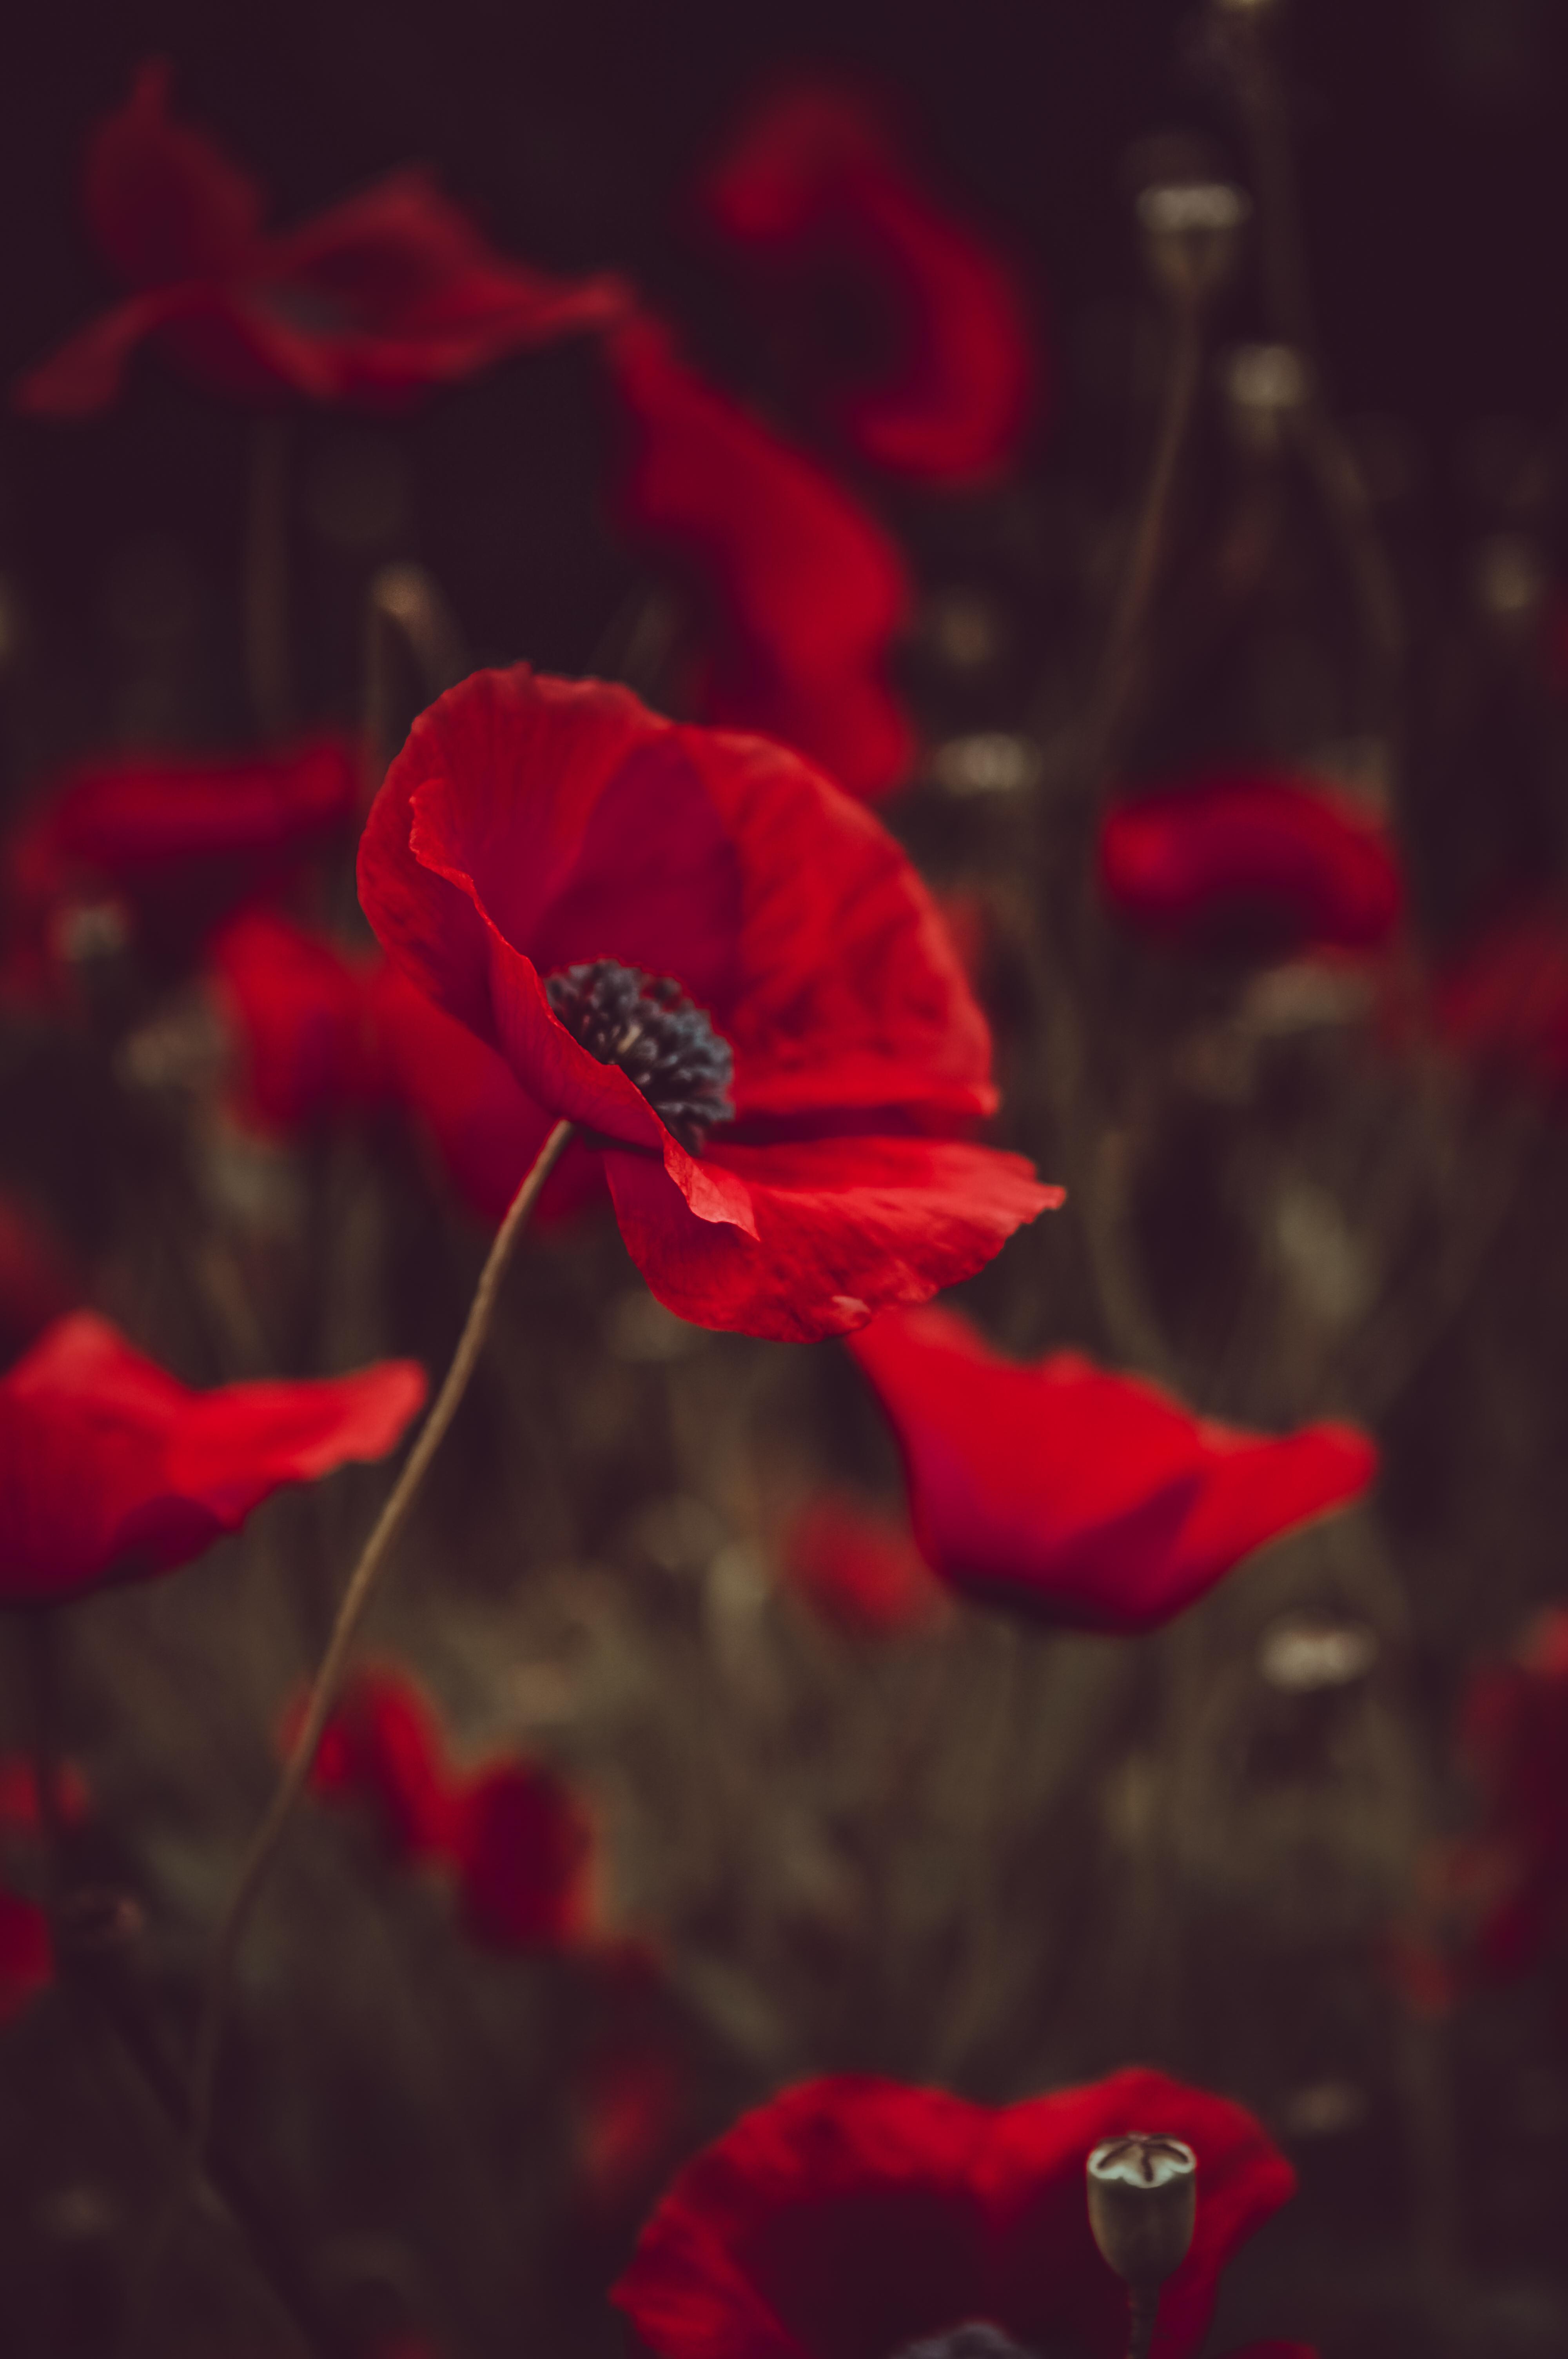 112646 скачать обои Цветы, Маки, Красный, Цветение, Поле - заставки и картинки бесплатно